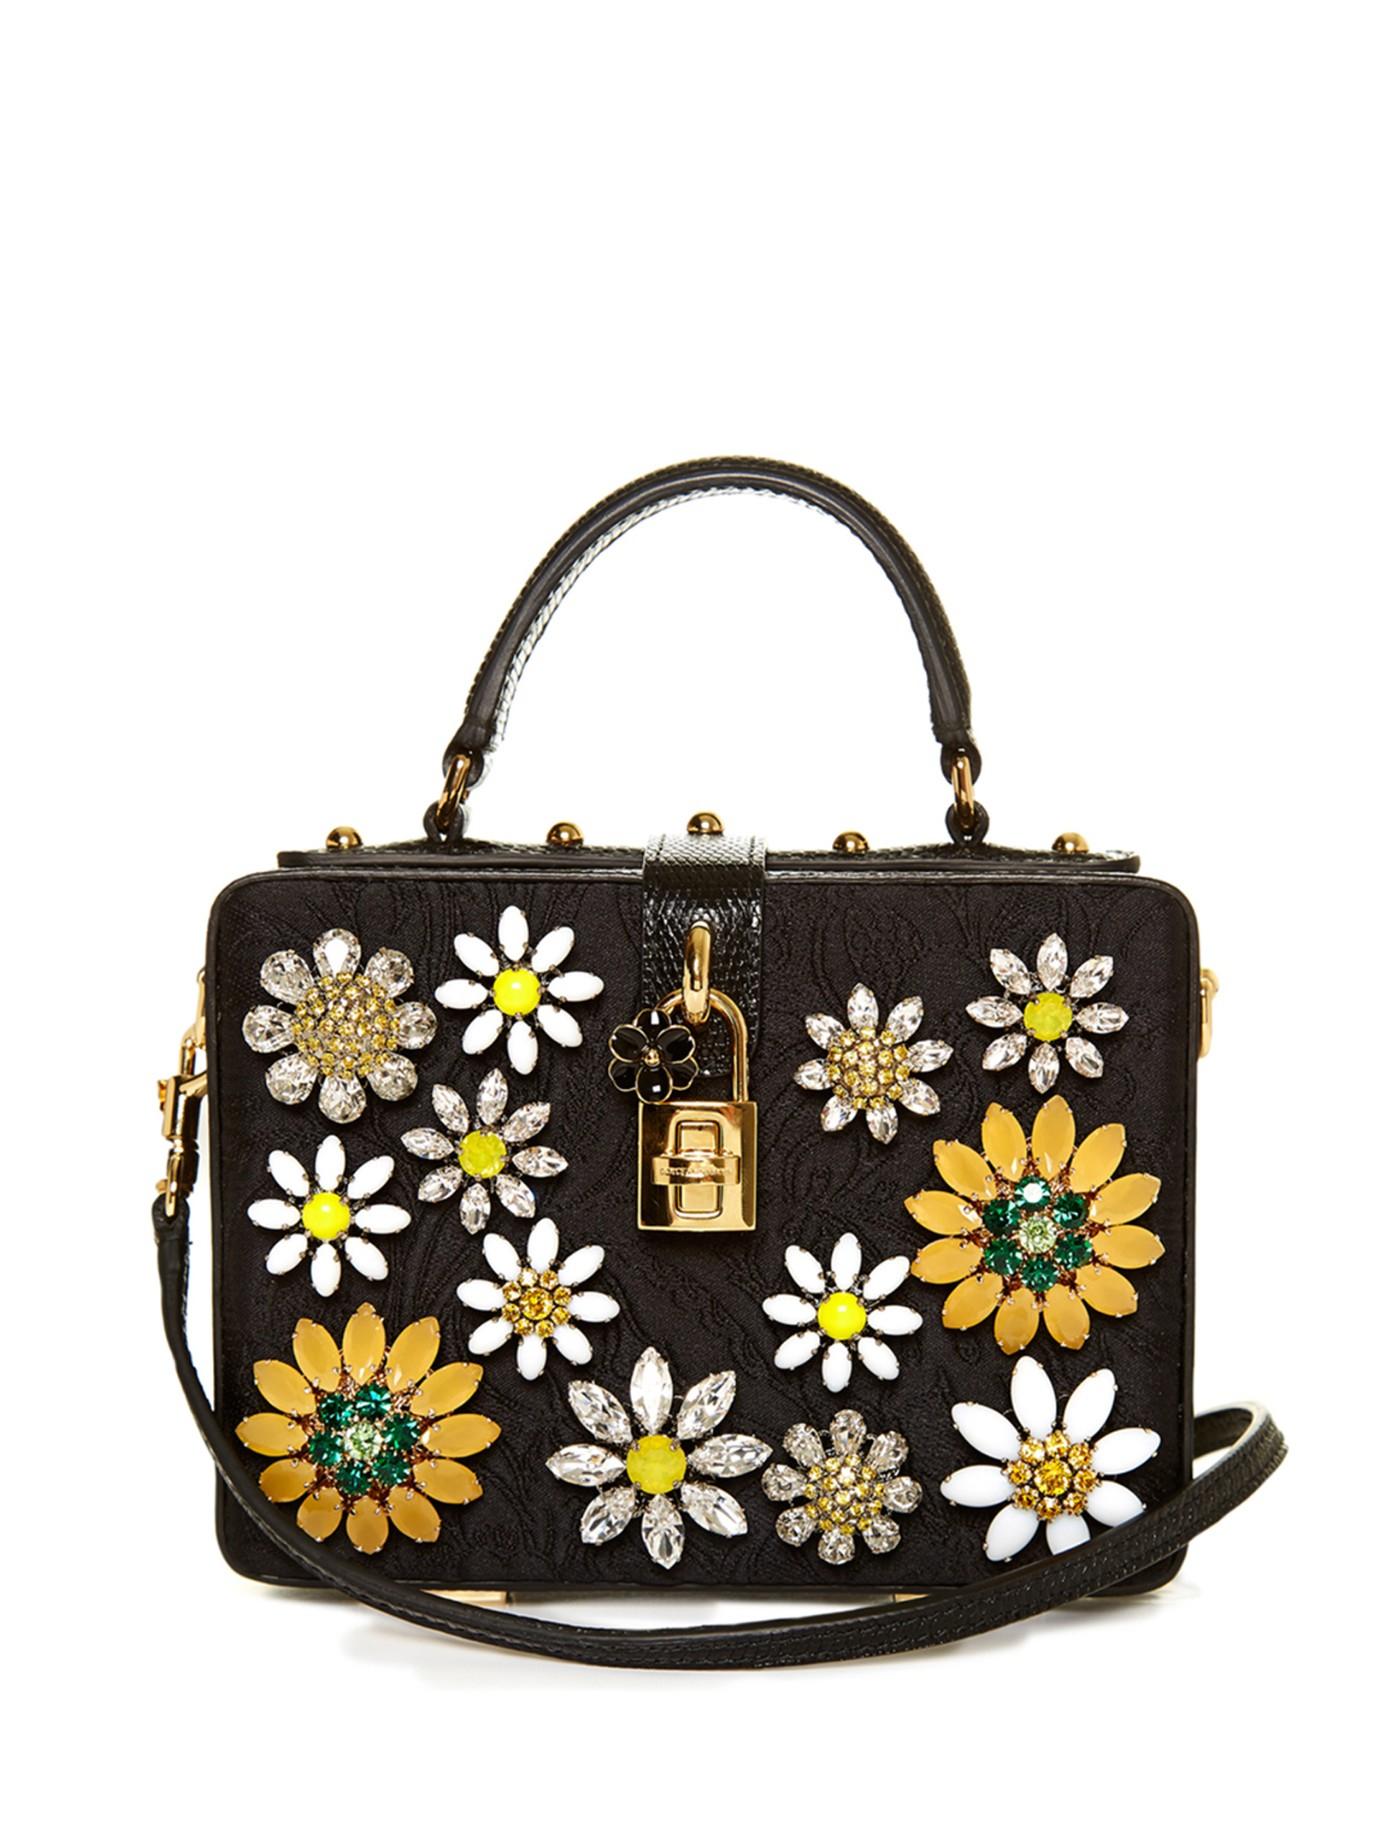 ec6de868c0f4 Lyst - Dolce   Gabbana Dolce Flower-embellished Brocade Box Bag in Black